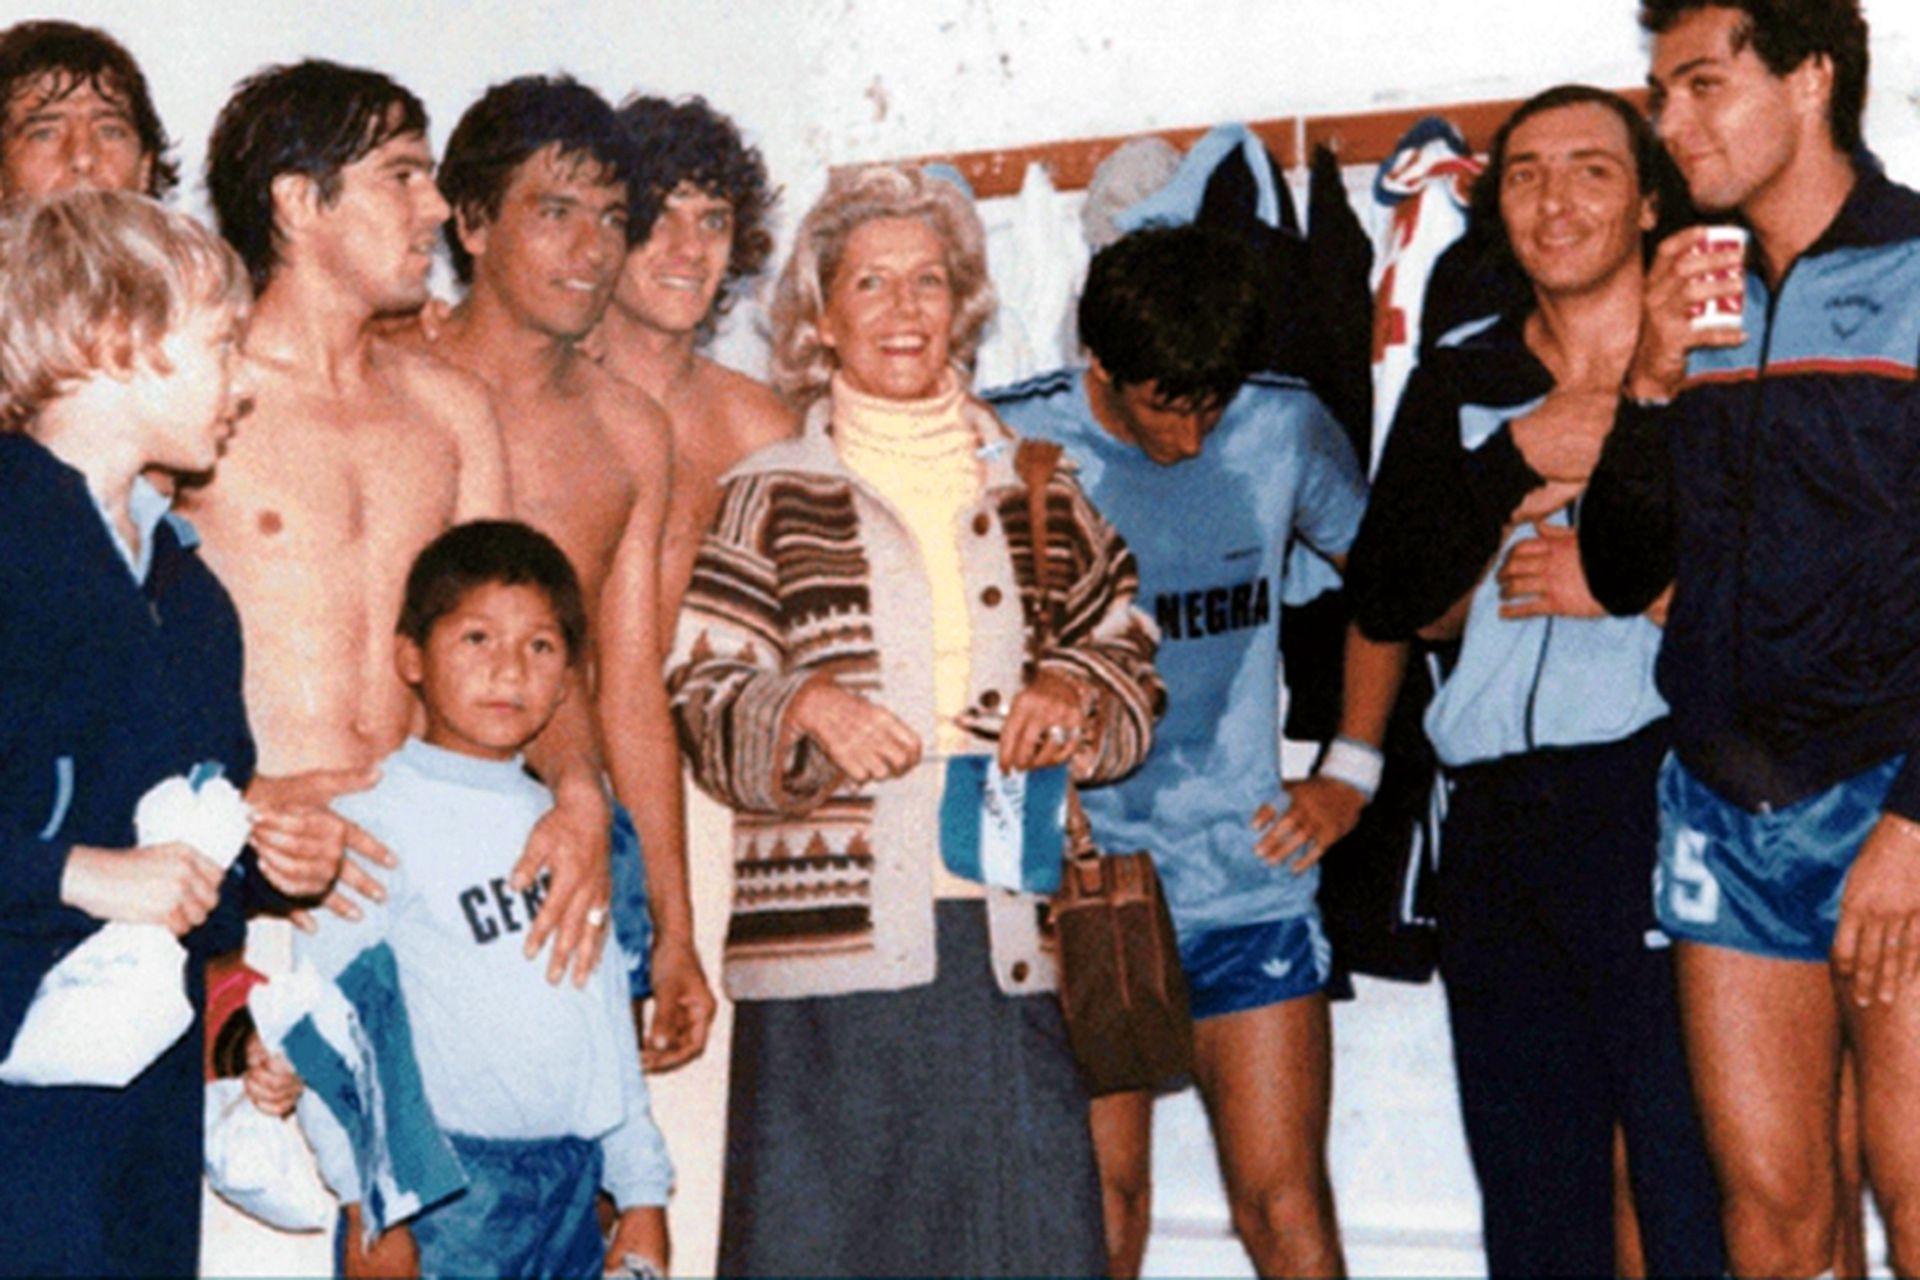 La conducción del Club Social y Deportivo Loma Negra, después de ganar el campeonato Mayor de la Liga en 1980, decidió pegar el salto y solicitar apoyo económico para afrontar el torneo Regional del año siguiente;  Amalita Fortabat solventó los gastos a través de su fundación